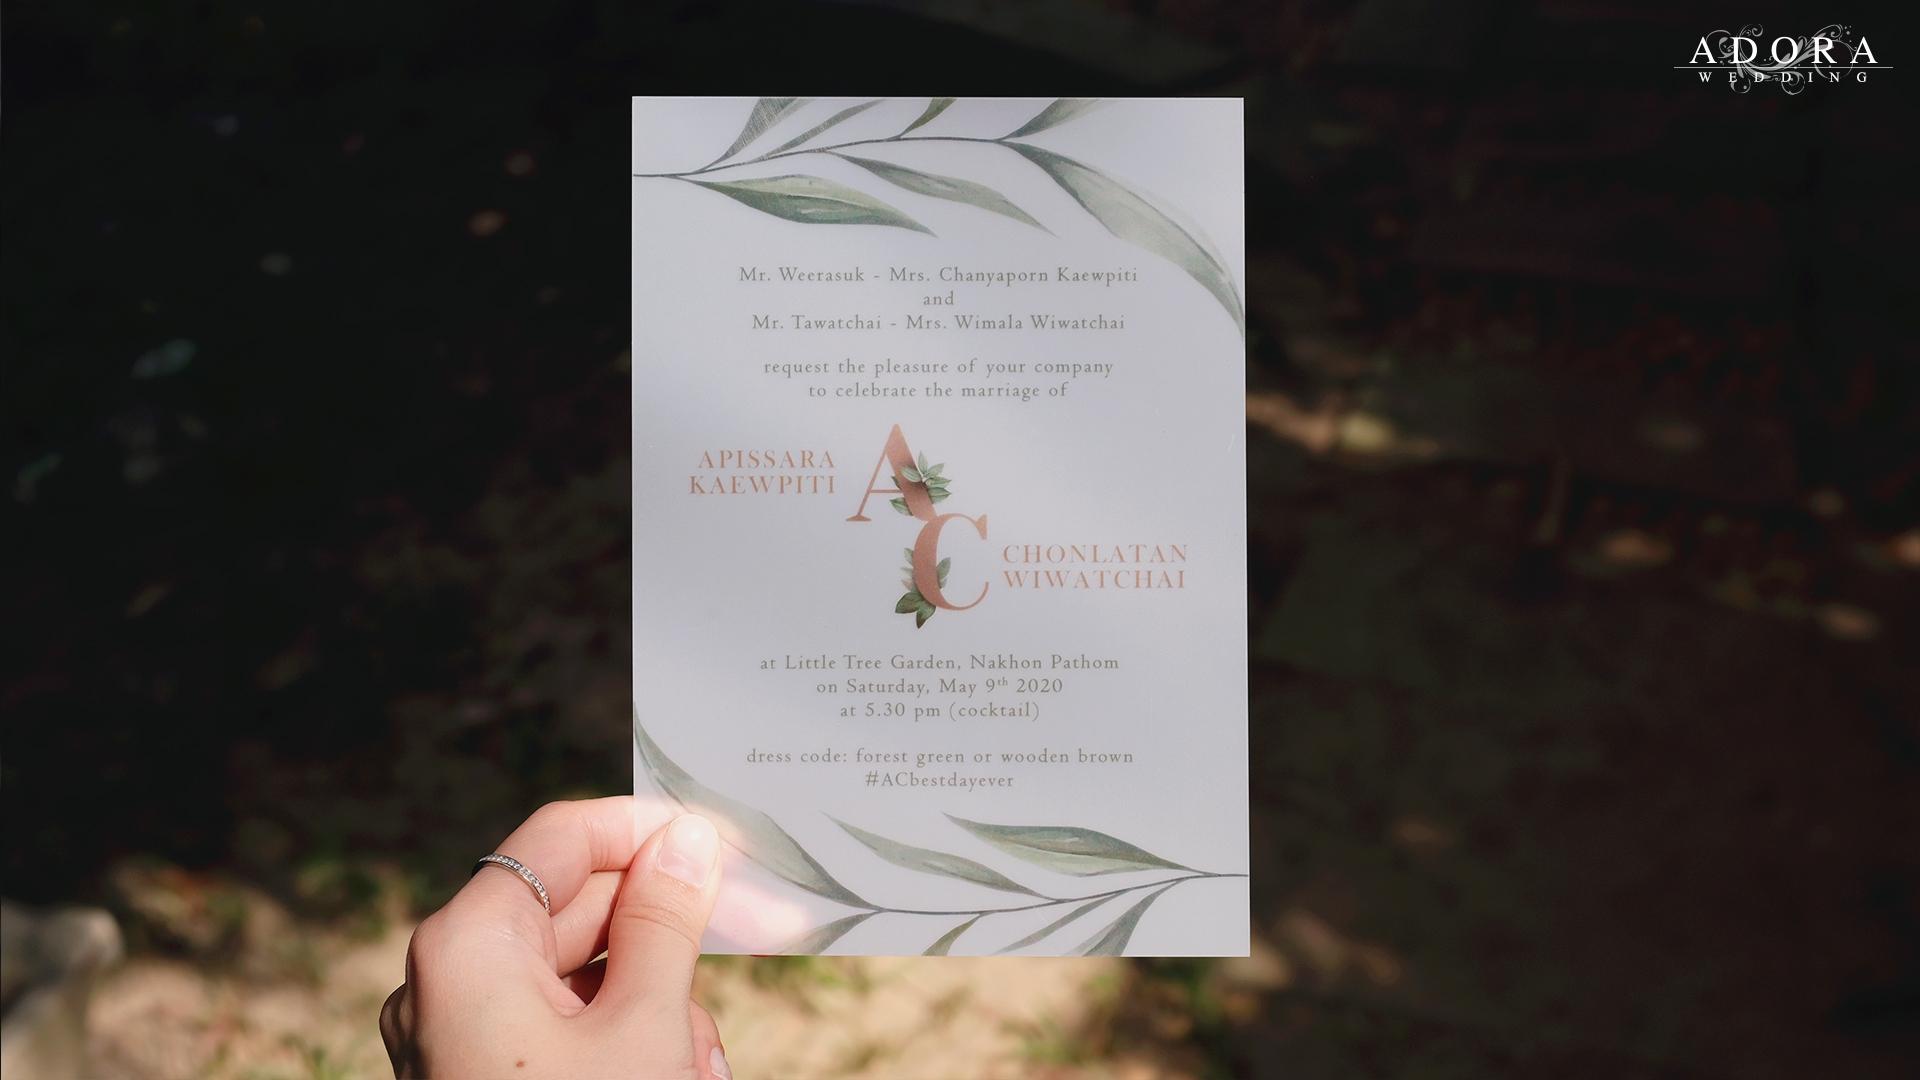 B095LM-wedding-card-8